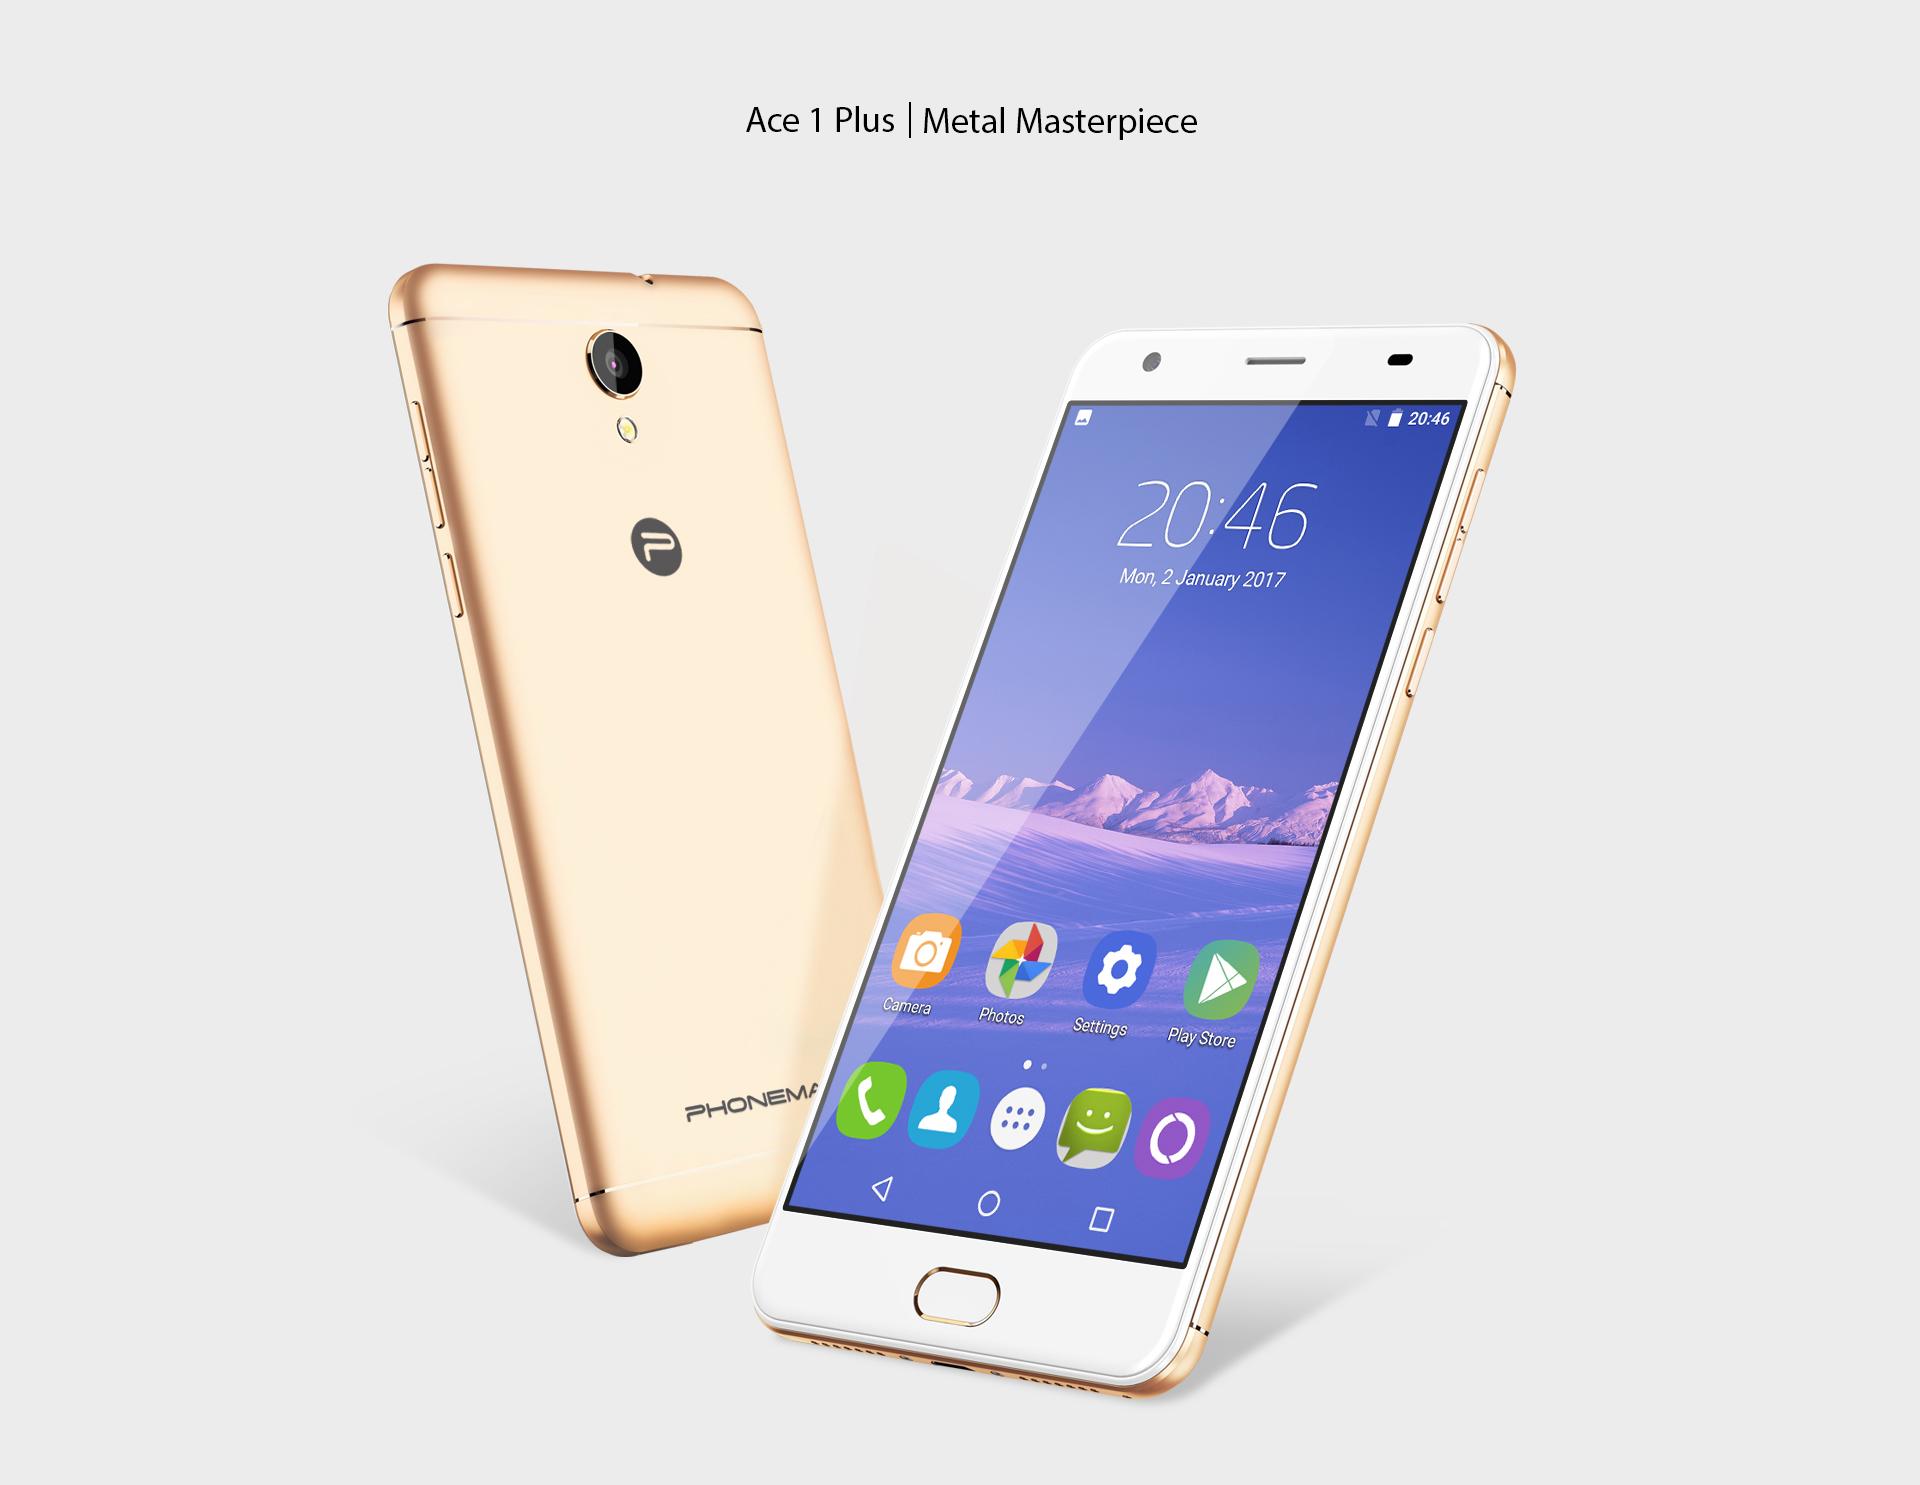 Další nový výrobce Phonemax, představil mobil Ace 1 Plus